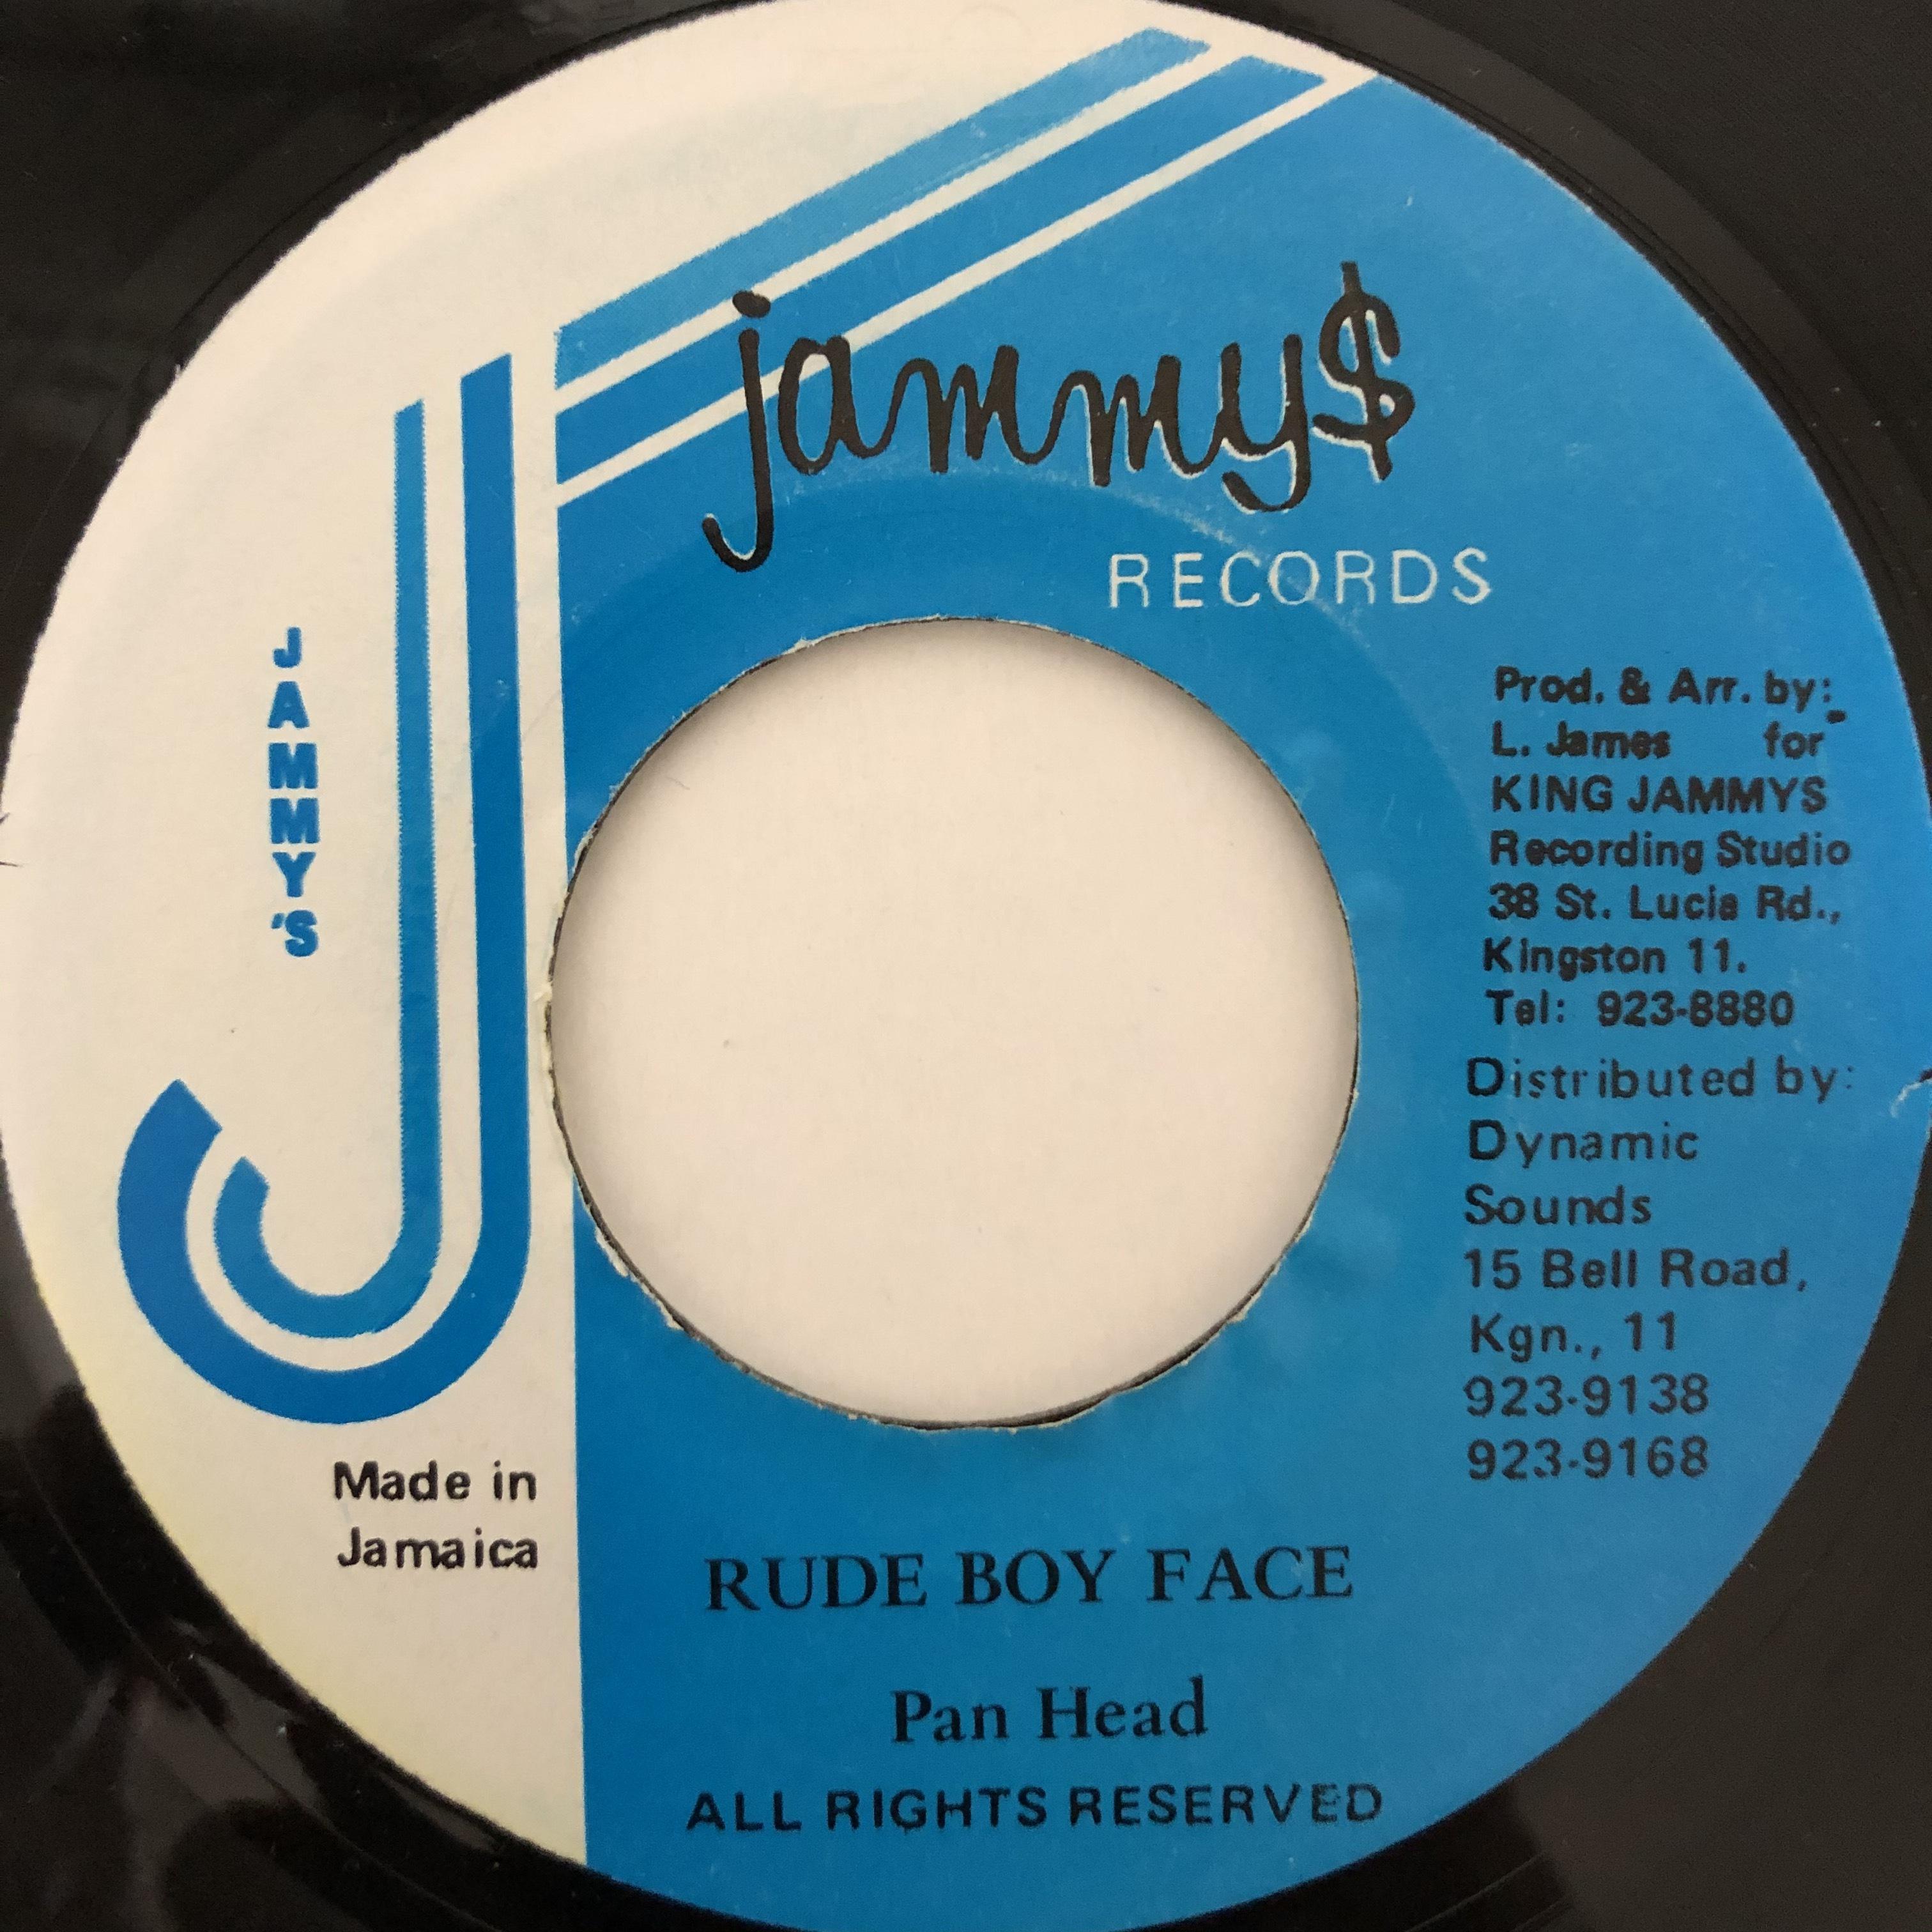 Pan Head - Rude Boy Face【7-20471】